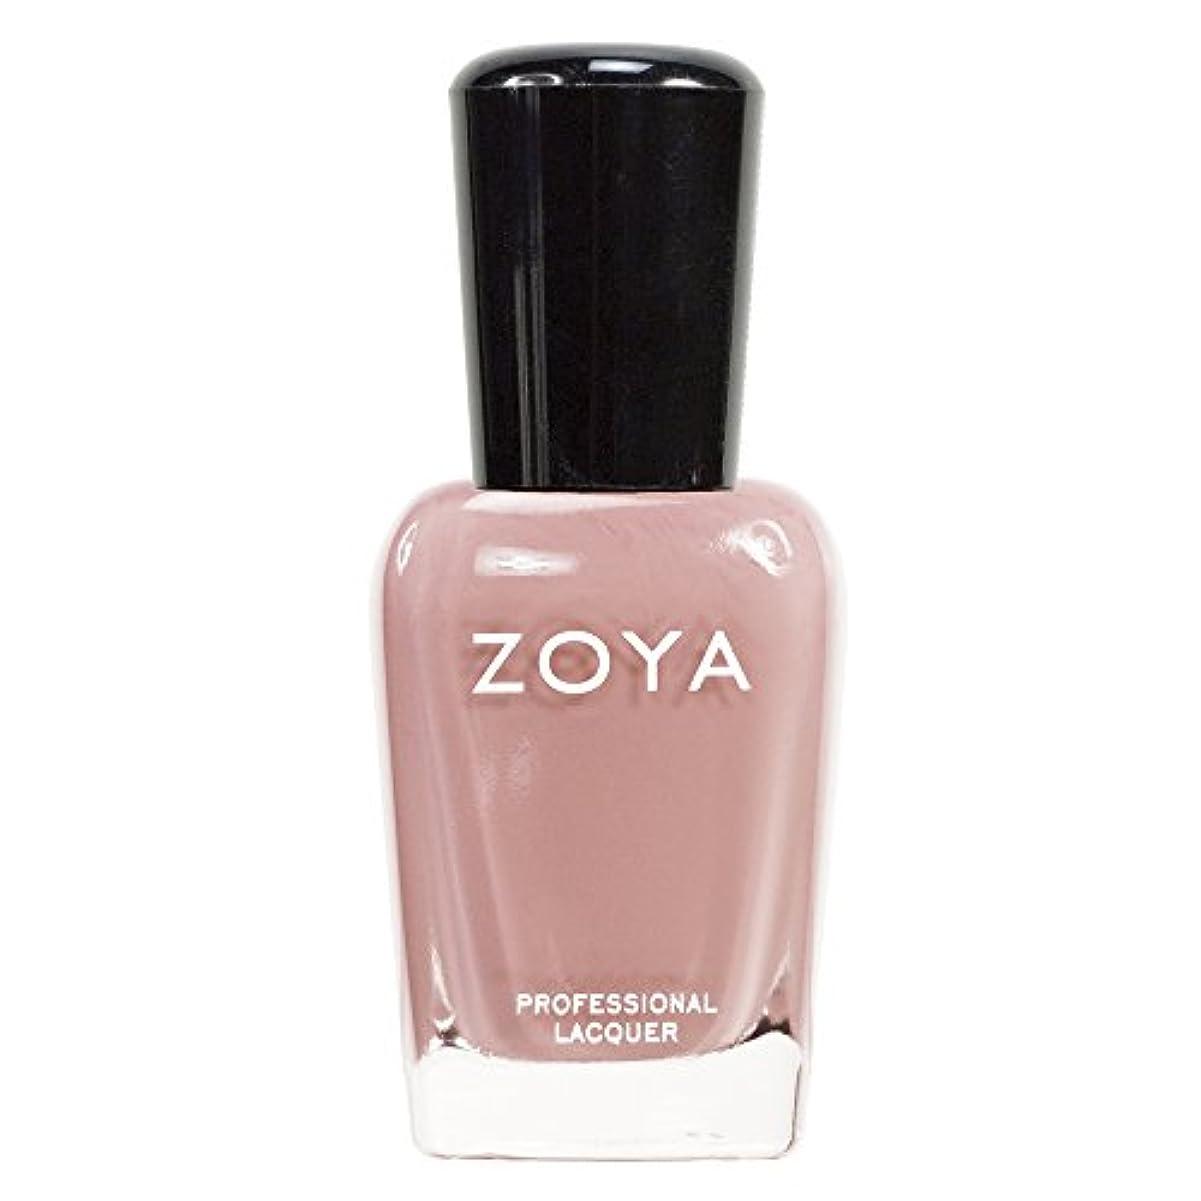 解体する証明書手錠ZOYA ゾーヤ ネイルカラーZP380 AMANDA アマンダ  15ml 上品なスモーキーなピンク マット 爪にやさしいネイルラッカーマニキュア